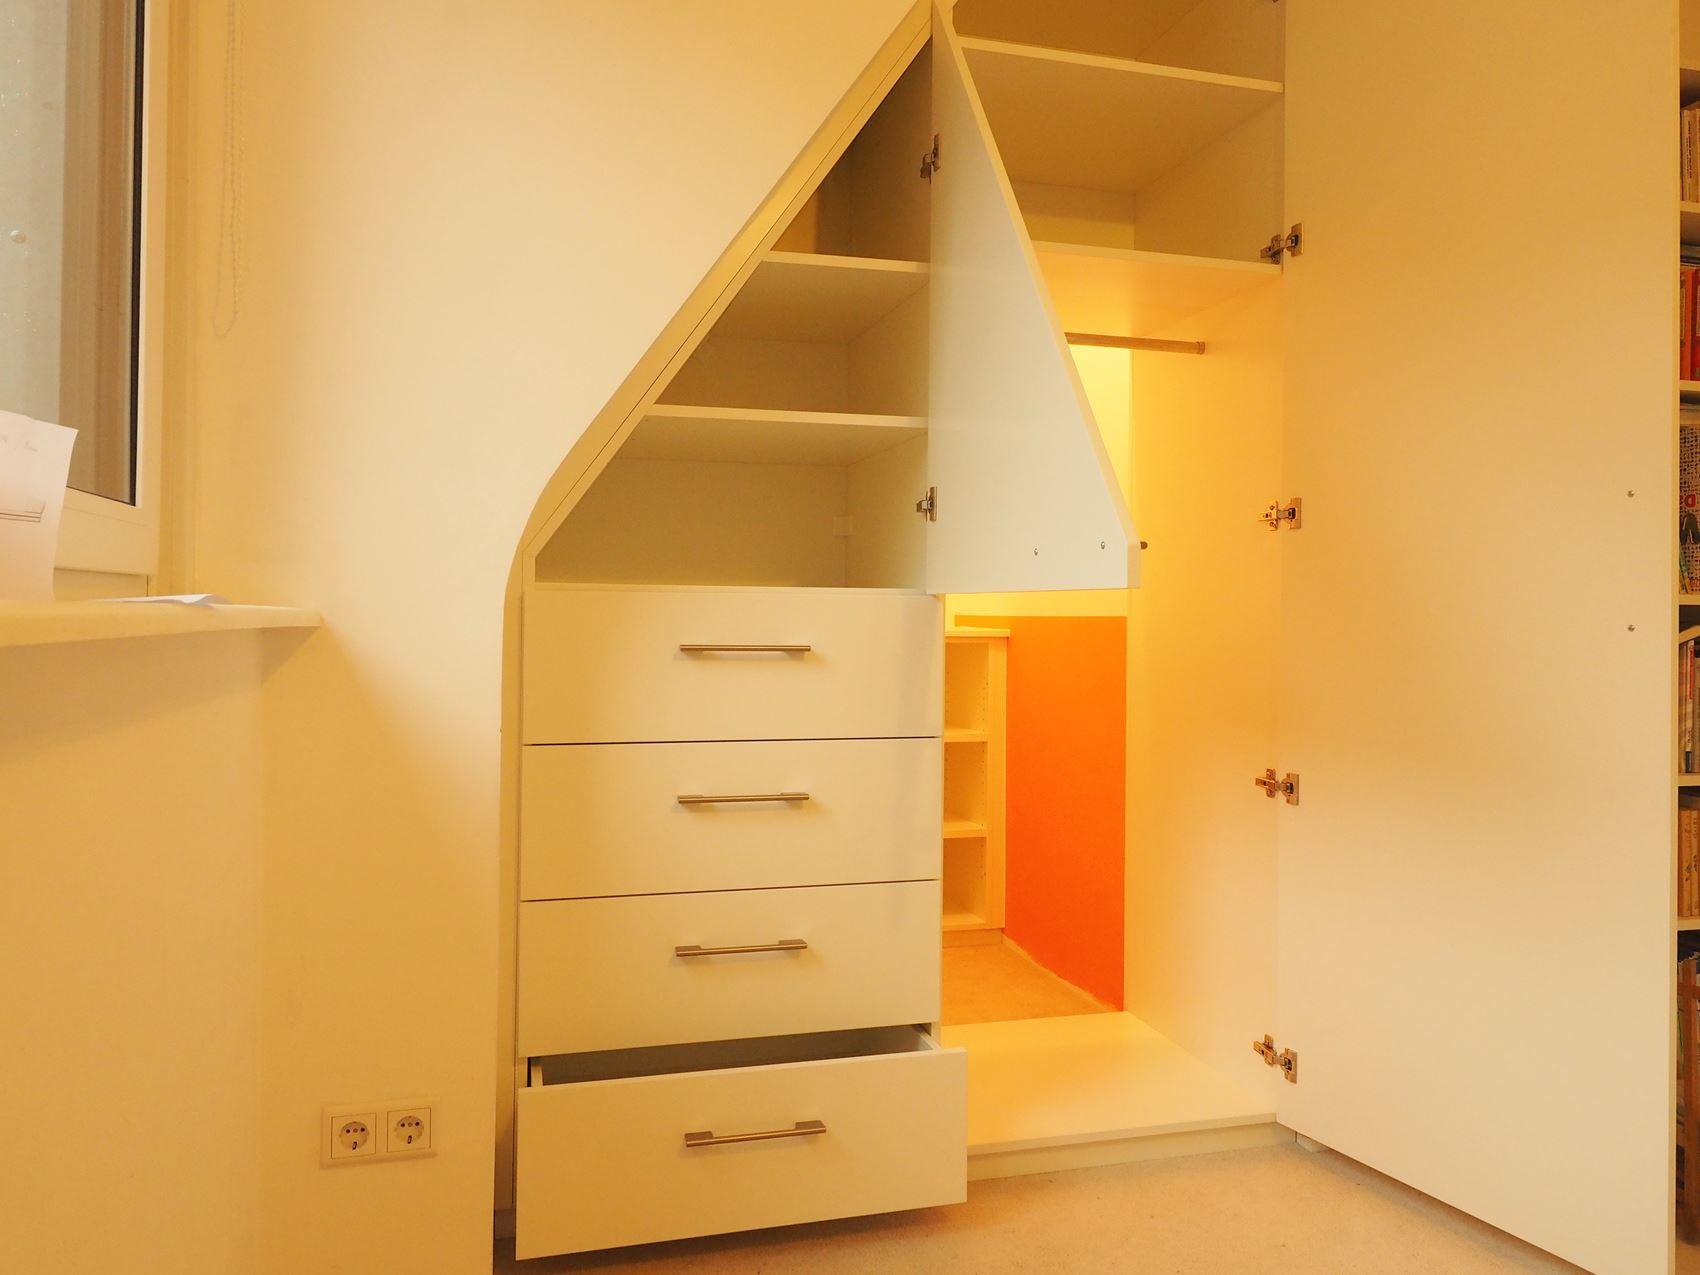 kleiderschrank unter einer dachschr ge hamburger m bel. Black Bedroom Furniture Sets. Home Design Ideas